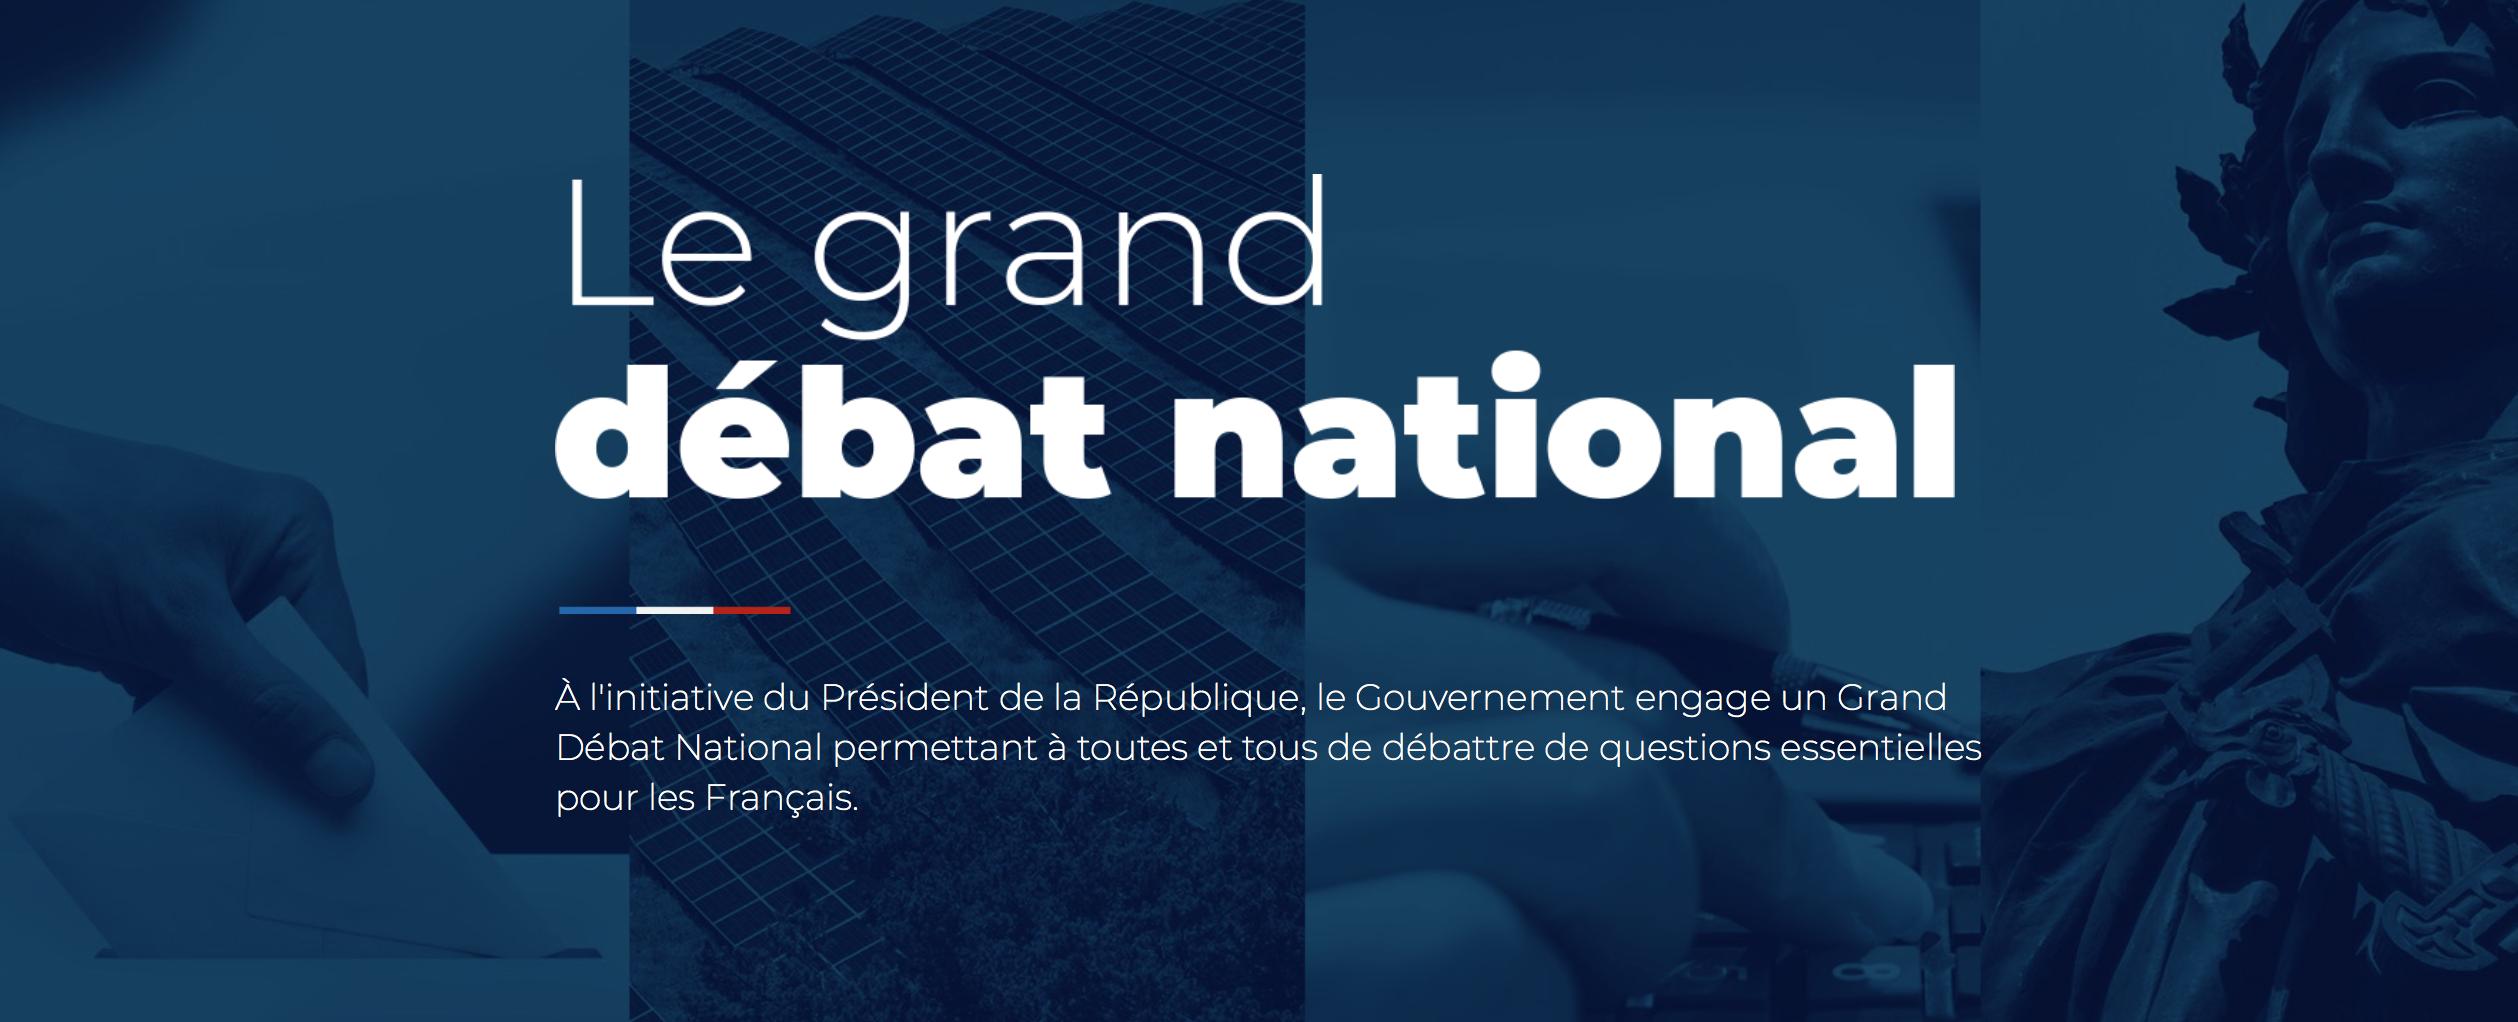 L'économie circulaire s'invite au Grand Débat national